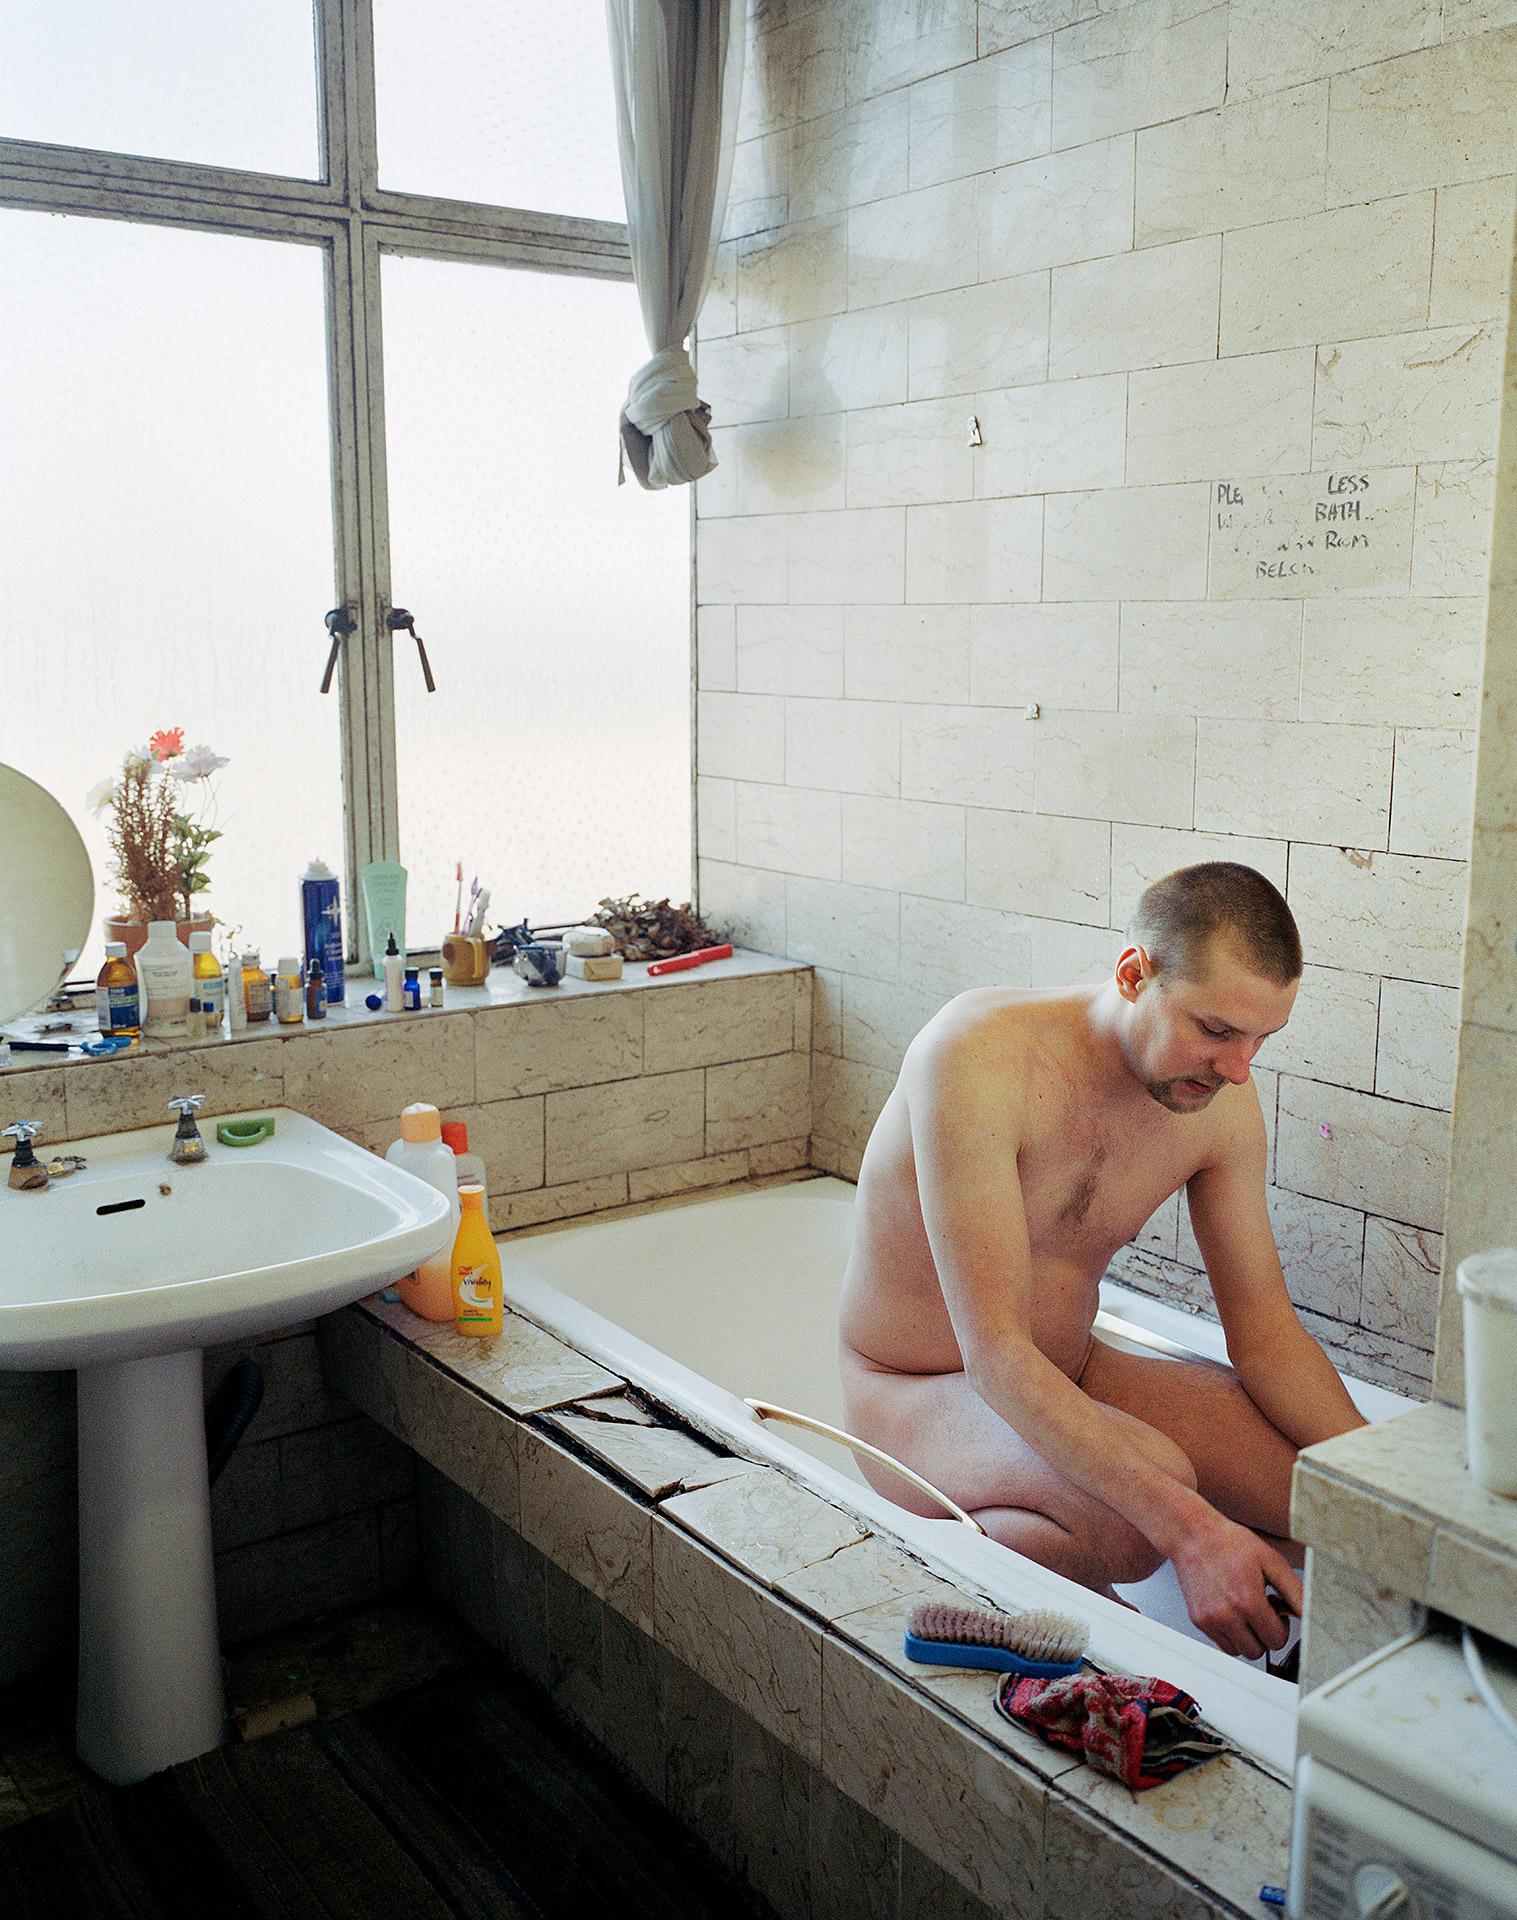 Pekka_morning_wash_1920px